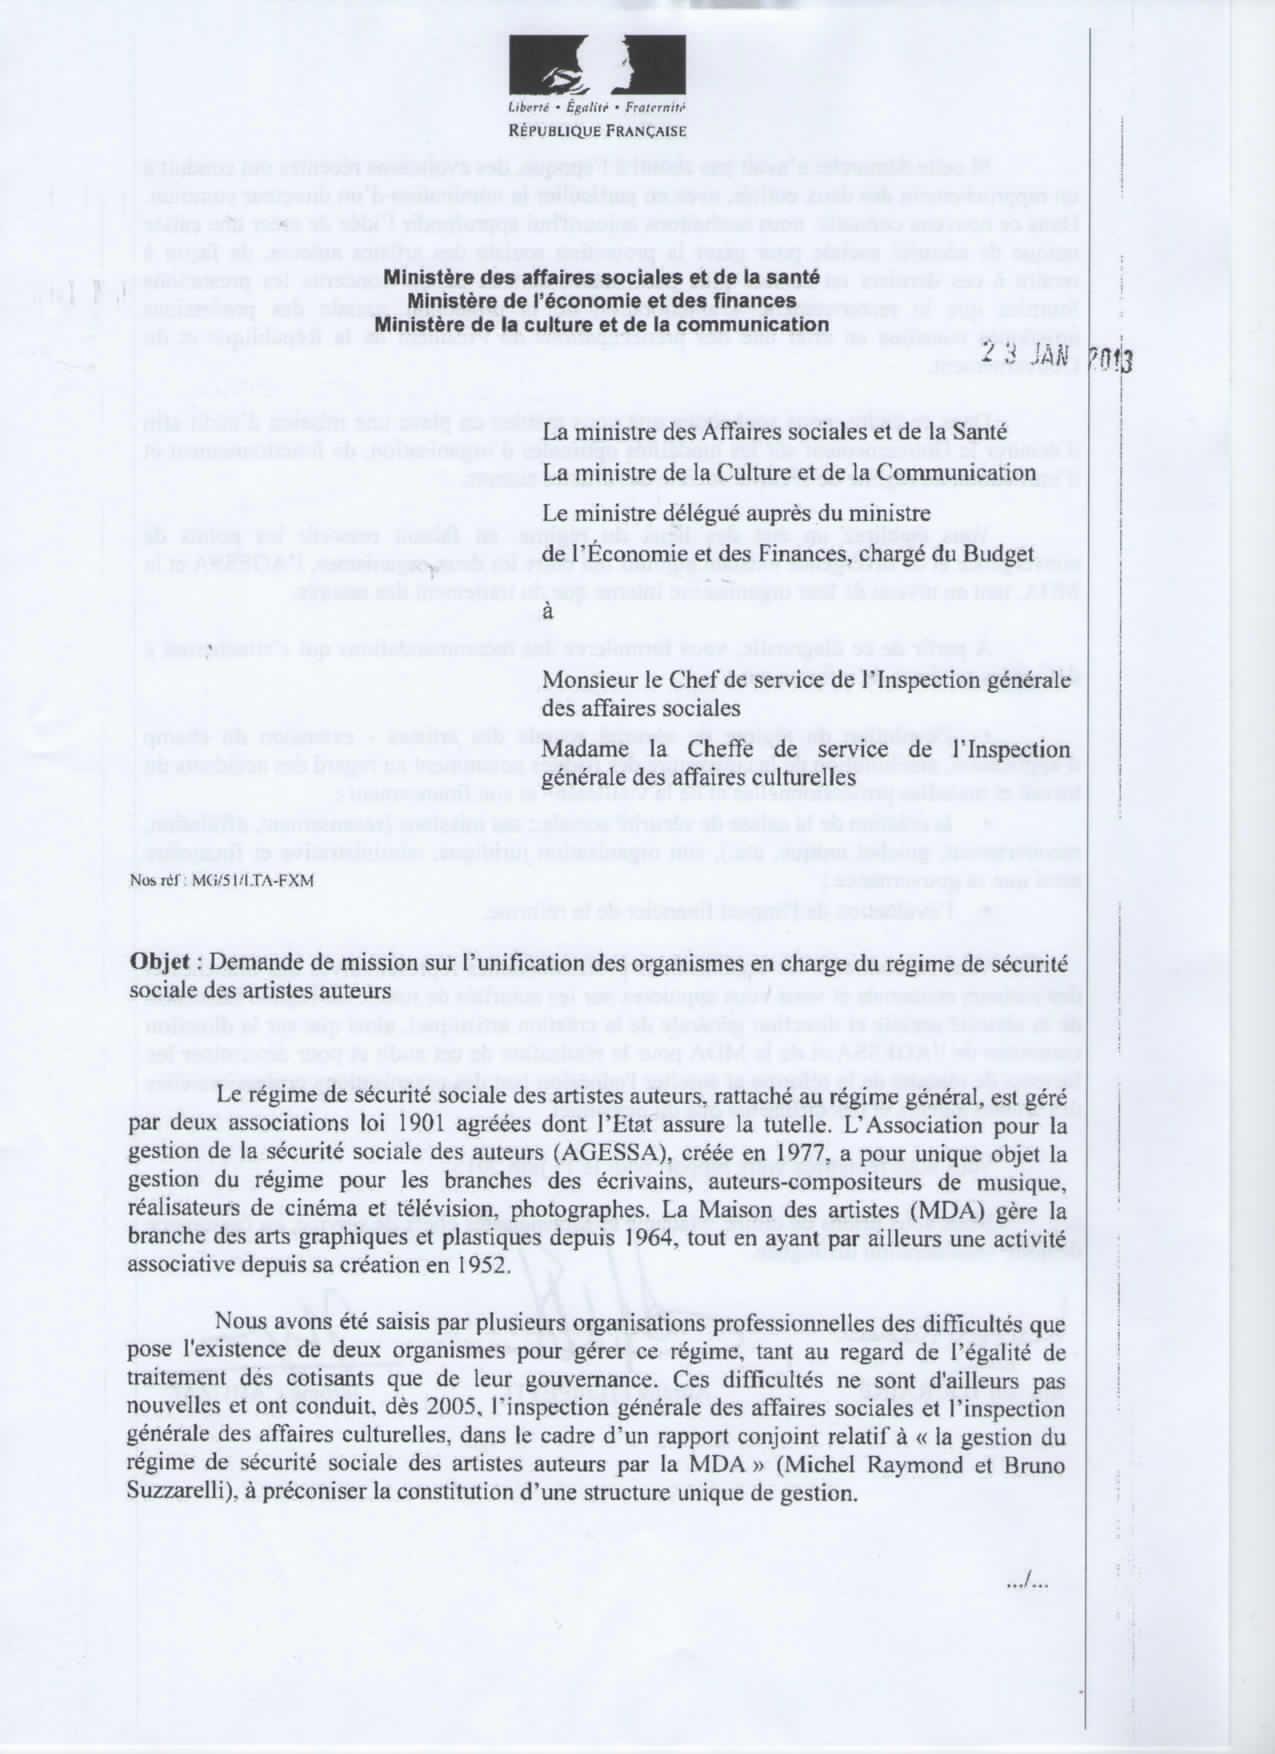 Important lettre des trois ministres affaires sociales for Agessa maison des artistes